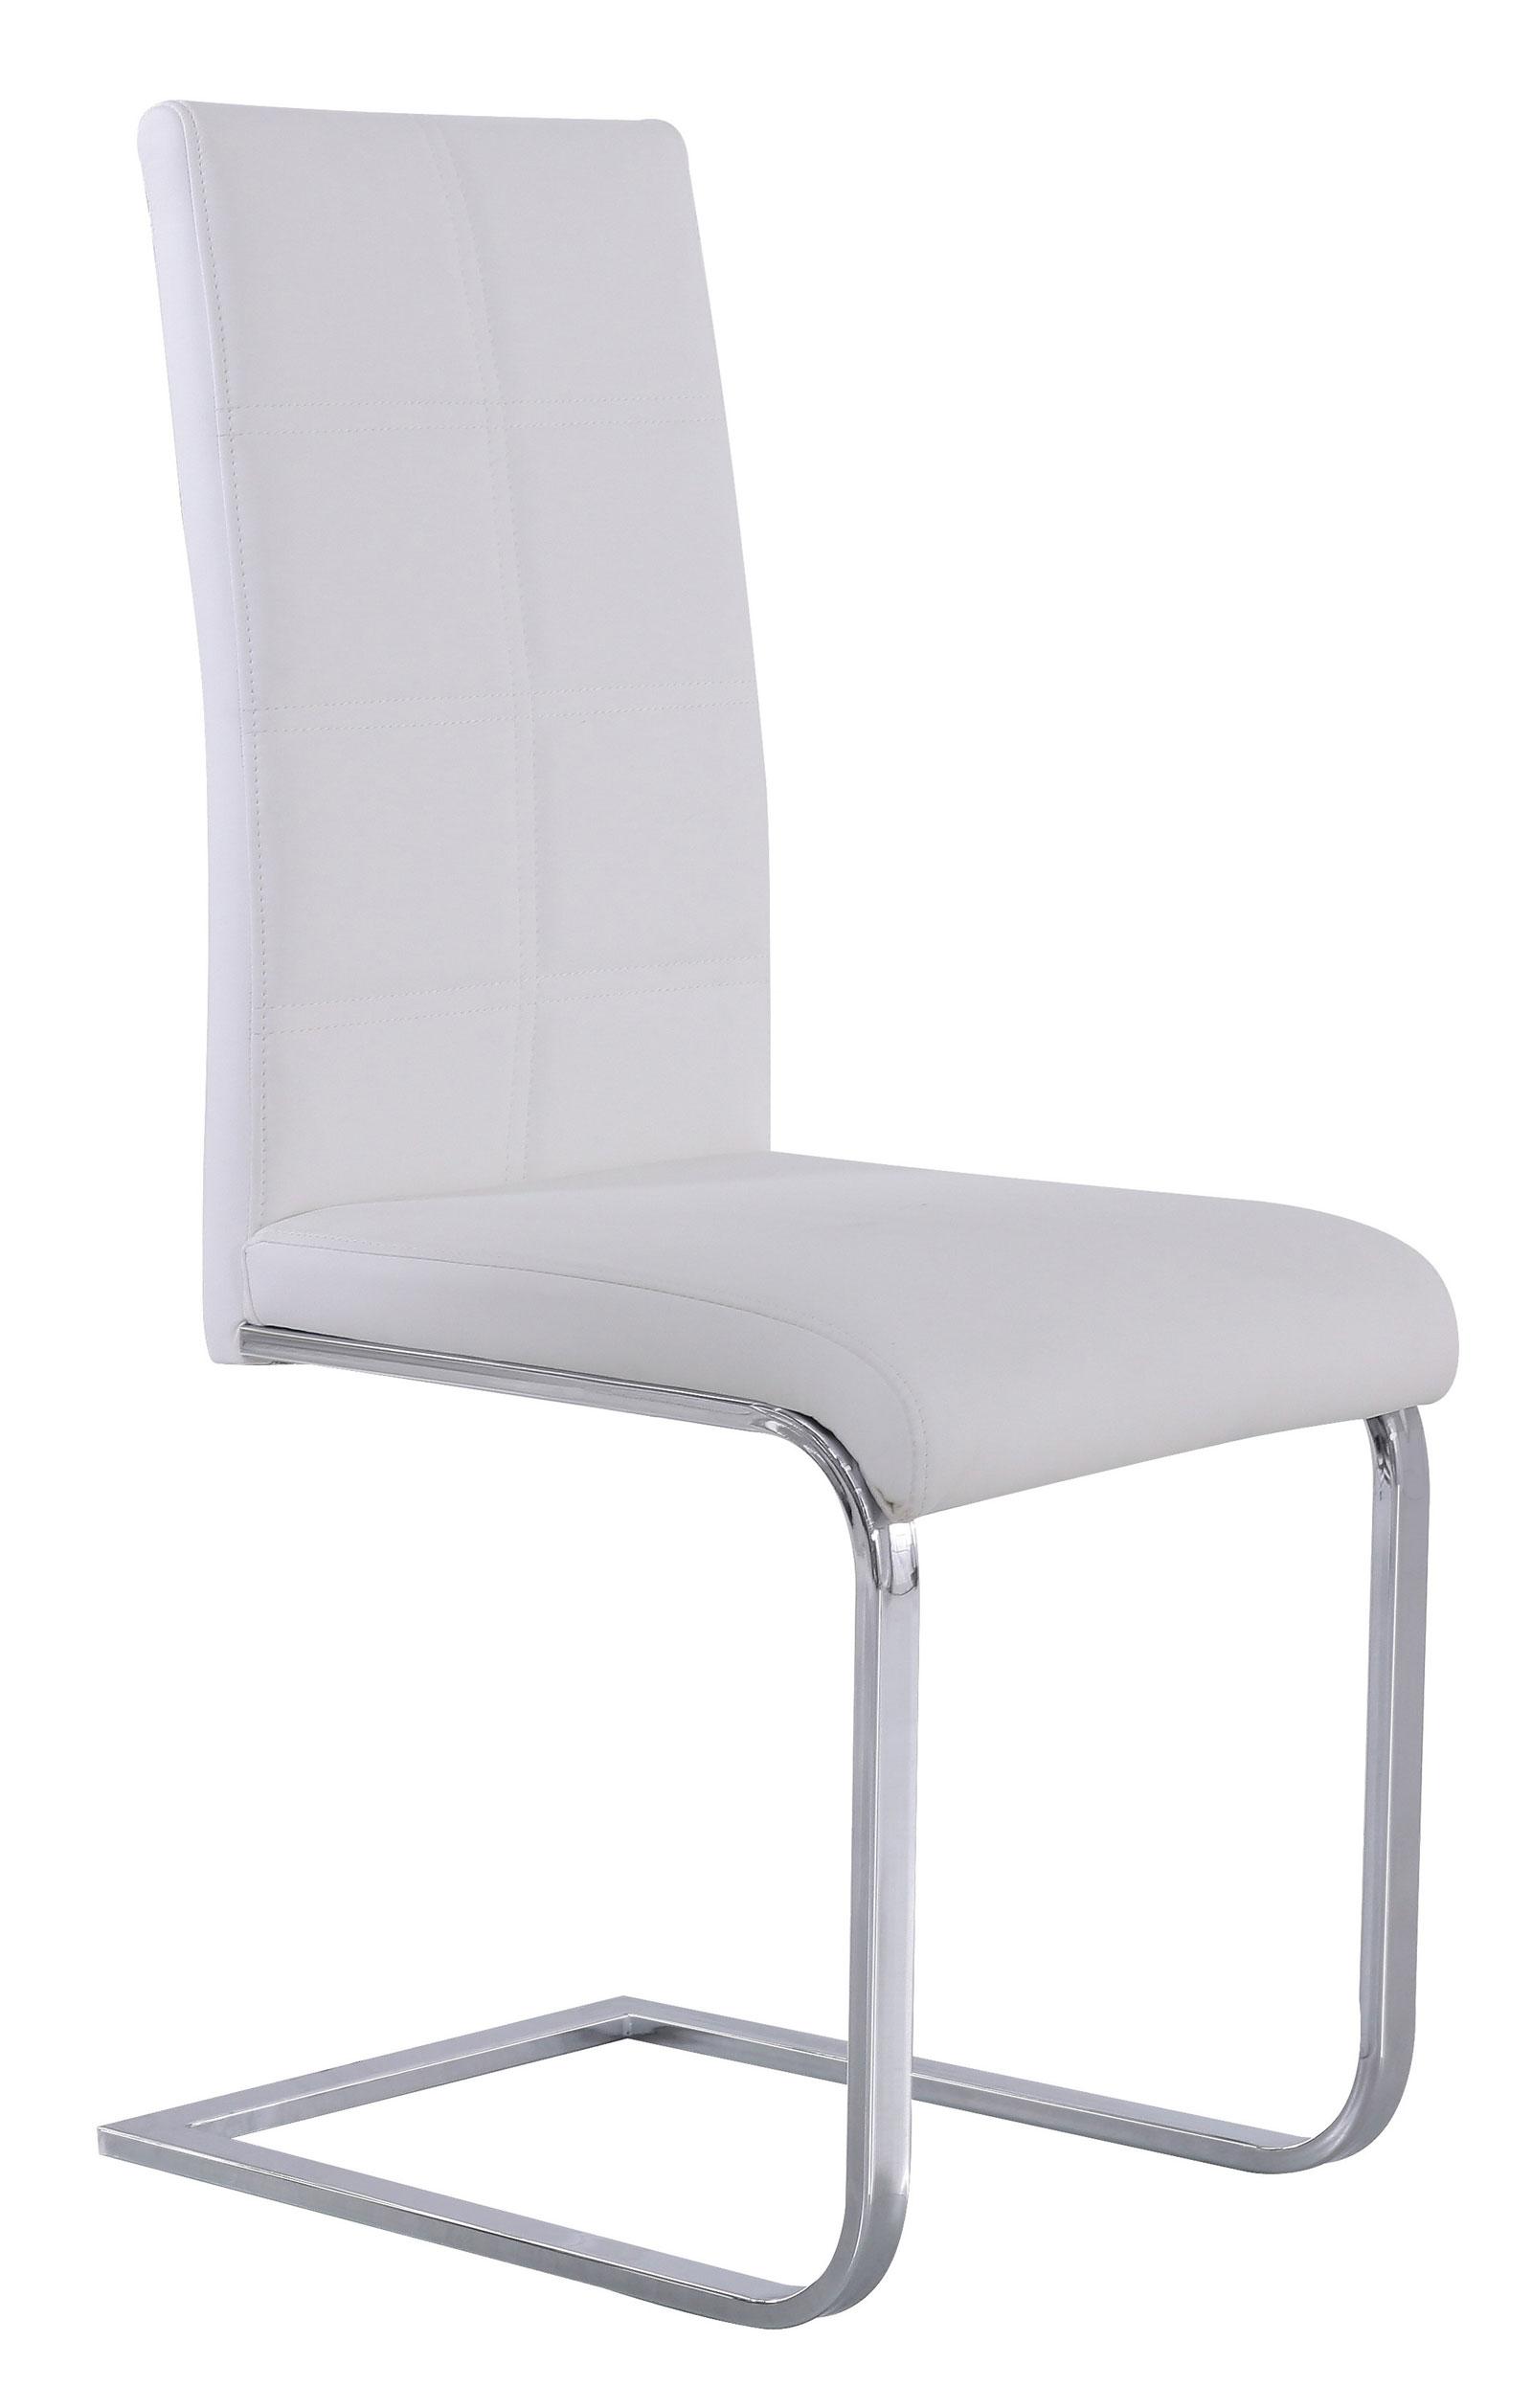 freischwinger st hle weiss bestseller shop f r m bel und einrichtungen. Black Bedroom Furniture Sets. Home Design Ideas